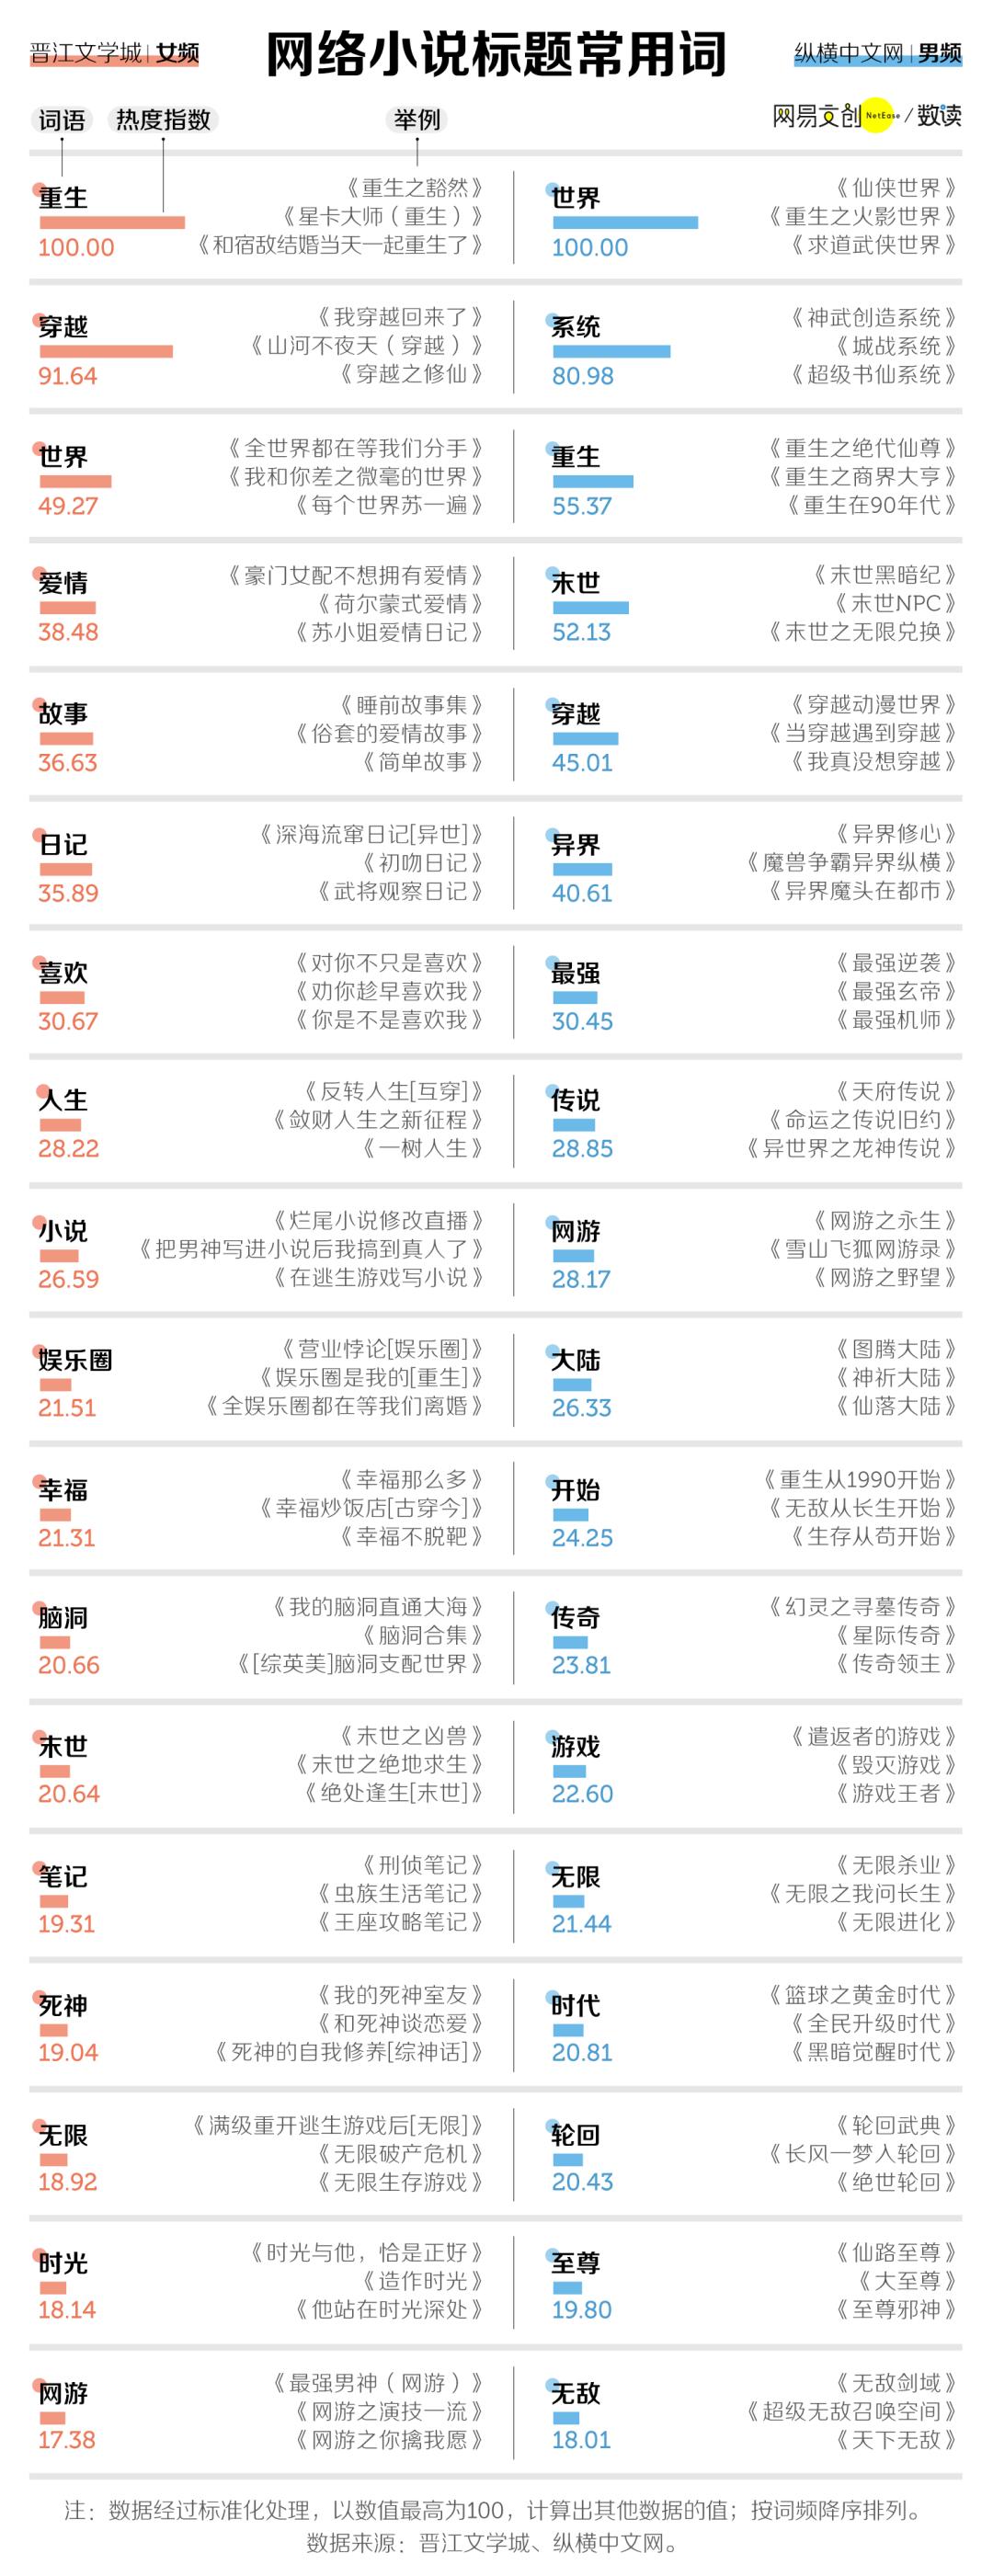 被网文套路的4亿中国人,到底在看啥